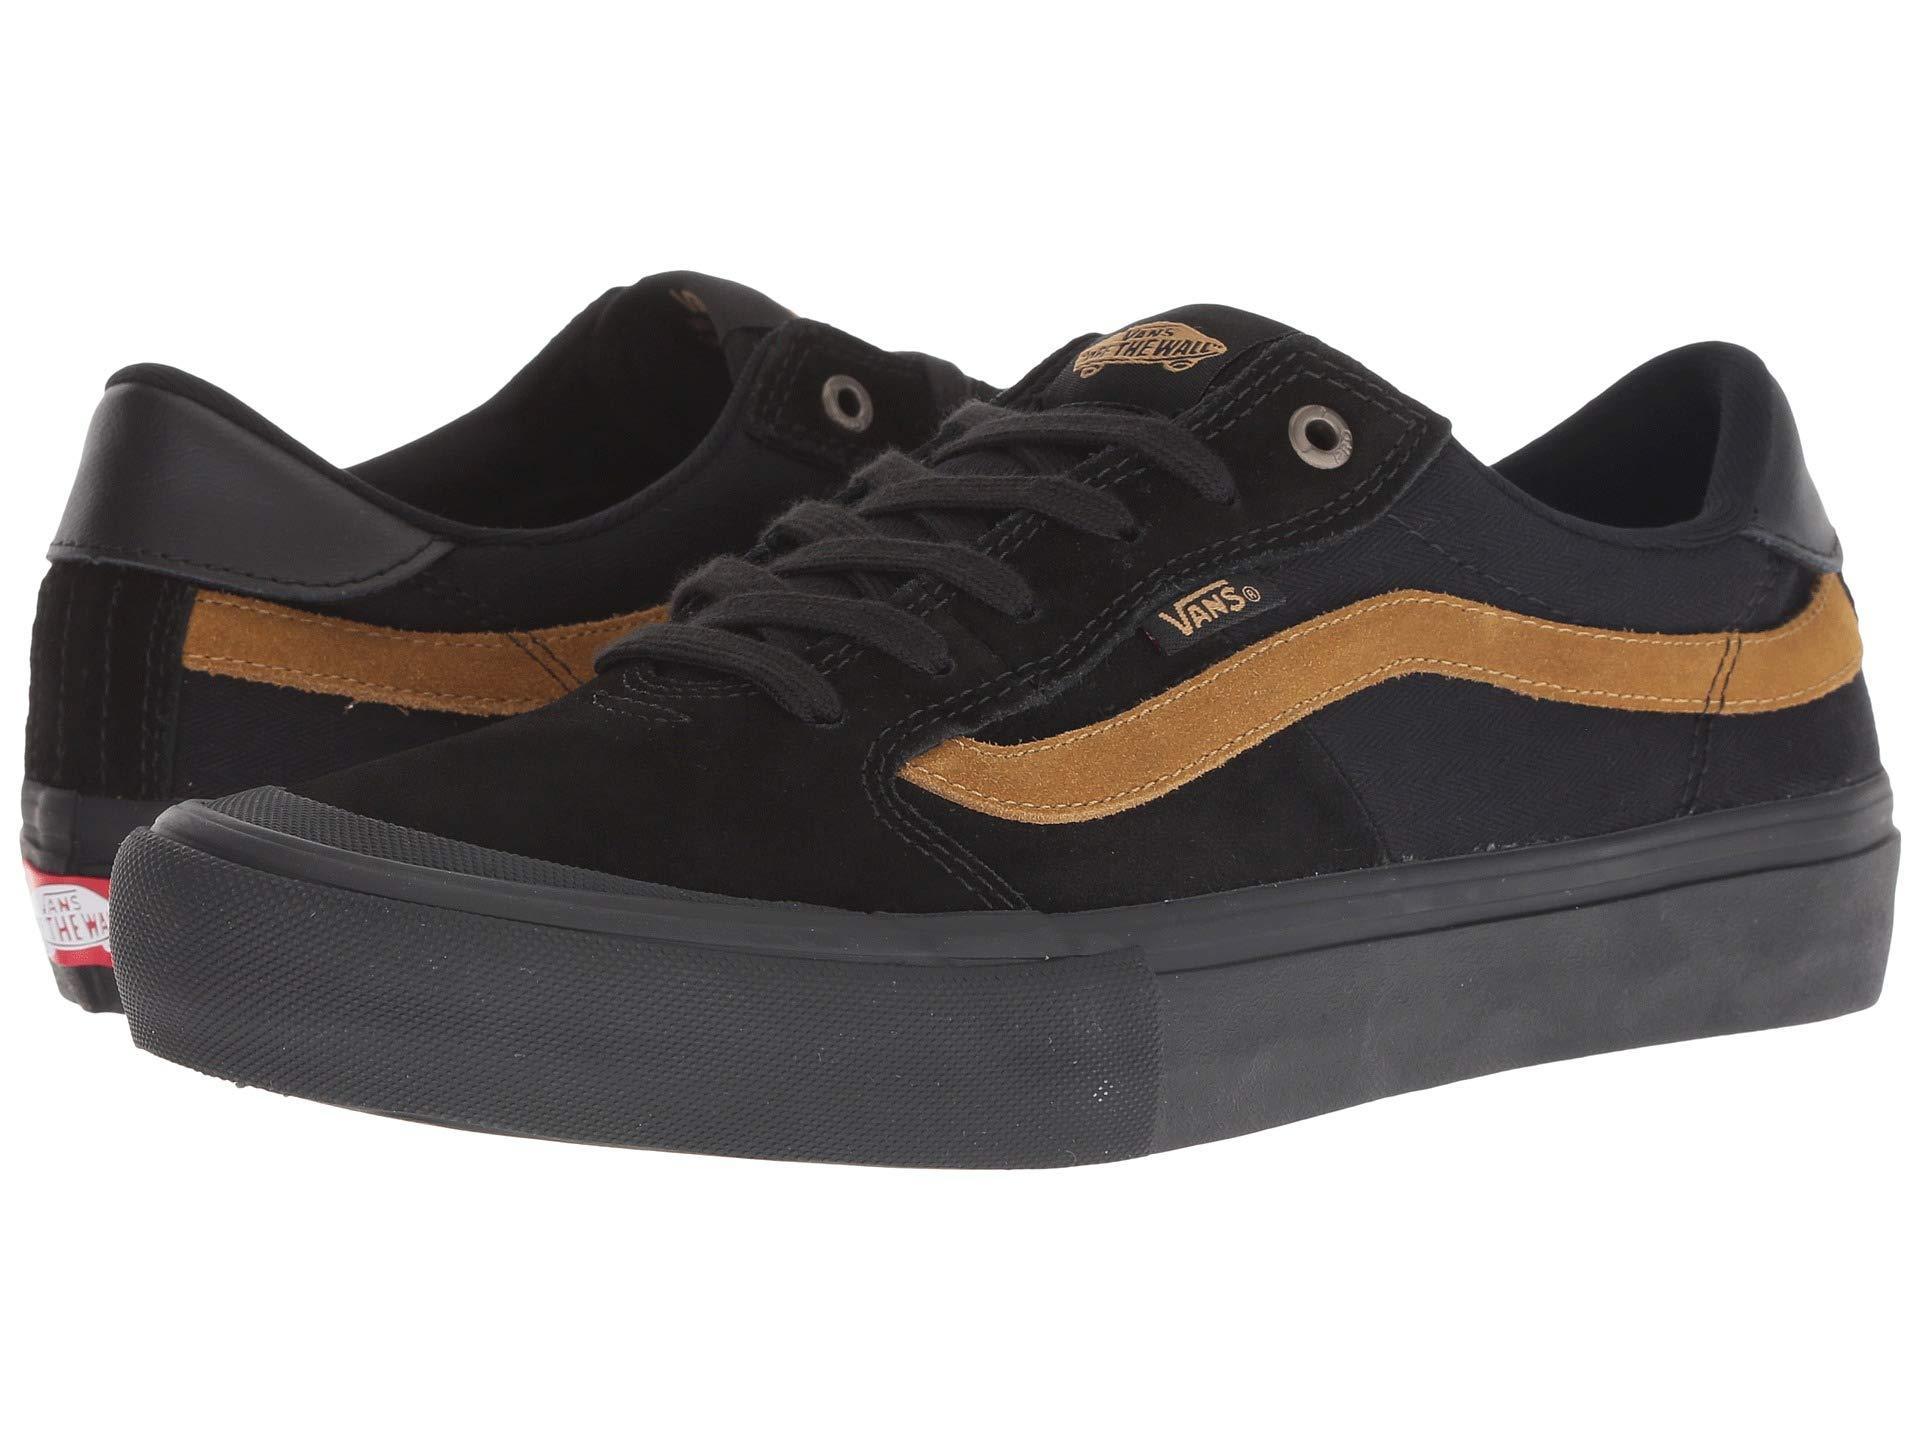 e6b714e8ed8c Lyst - Vans Style 112 Pro (dress Blues port Royale) Men s Skate ...